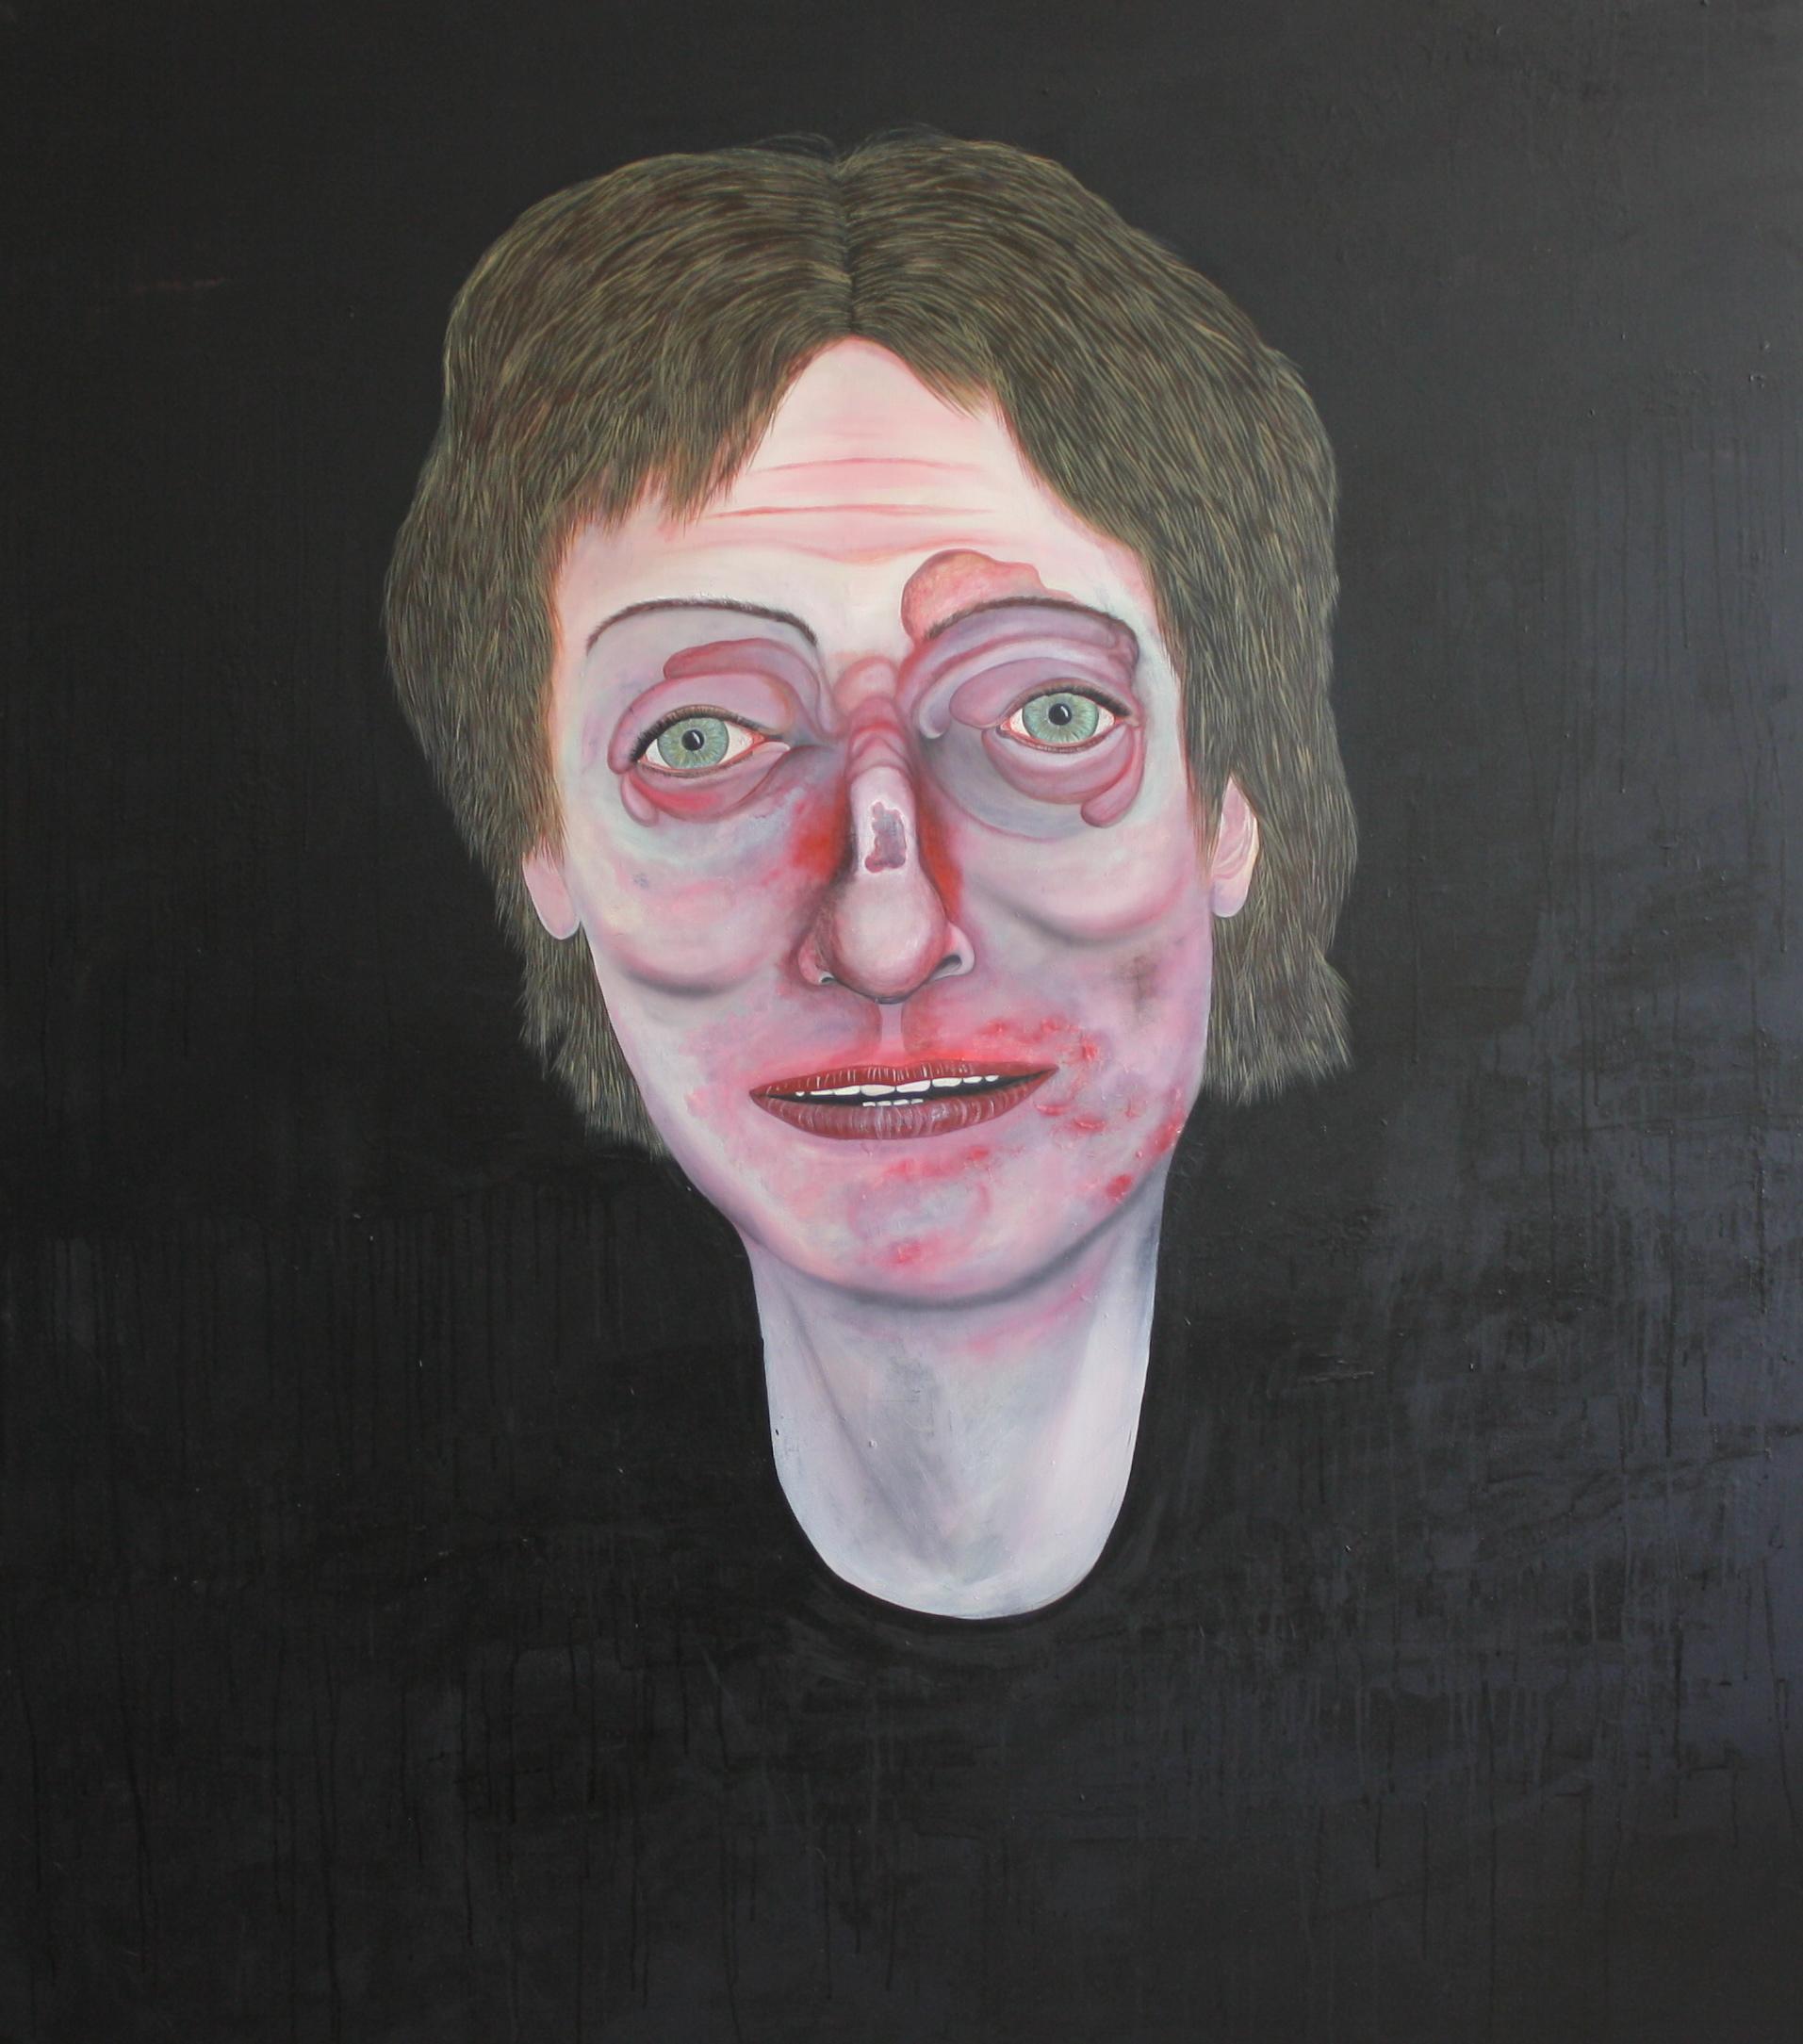 Ohne Titel, Öl auf Leinwand, 170 cm x 150 cm, Preis: 4500.- Euro